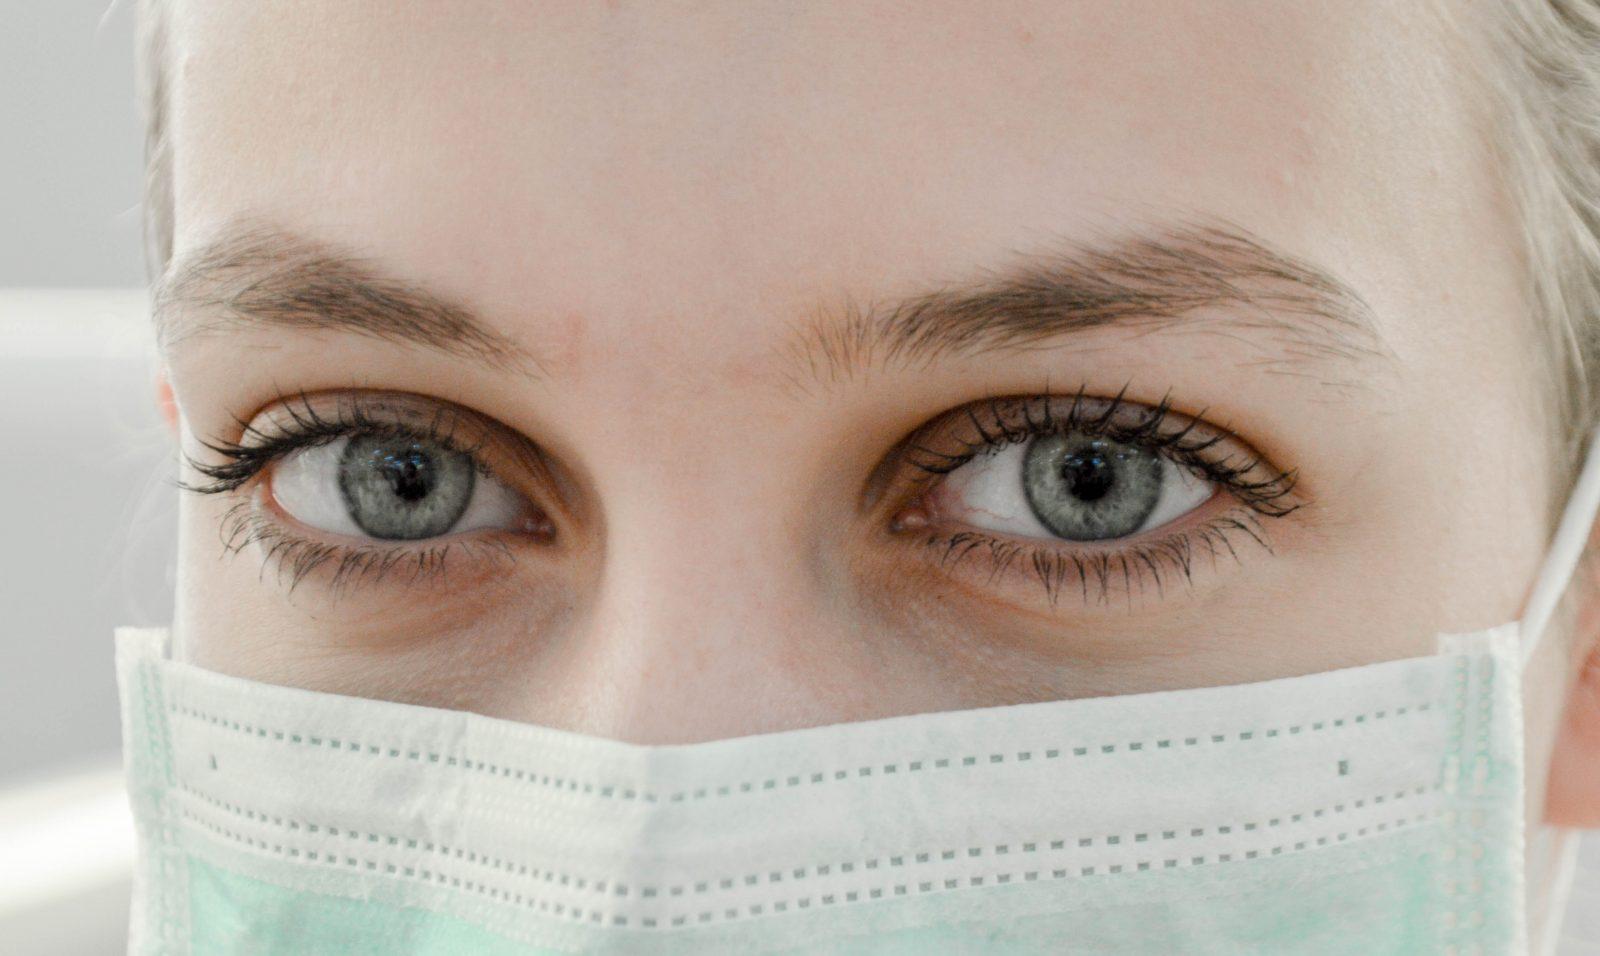 Les infirmières de l'urgence au front malgré leurs inquiétudes